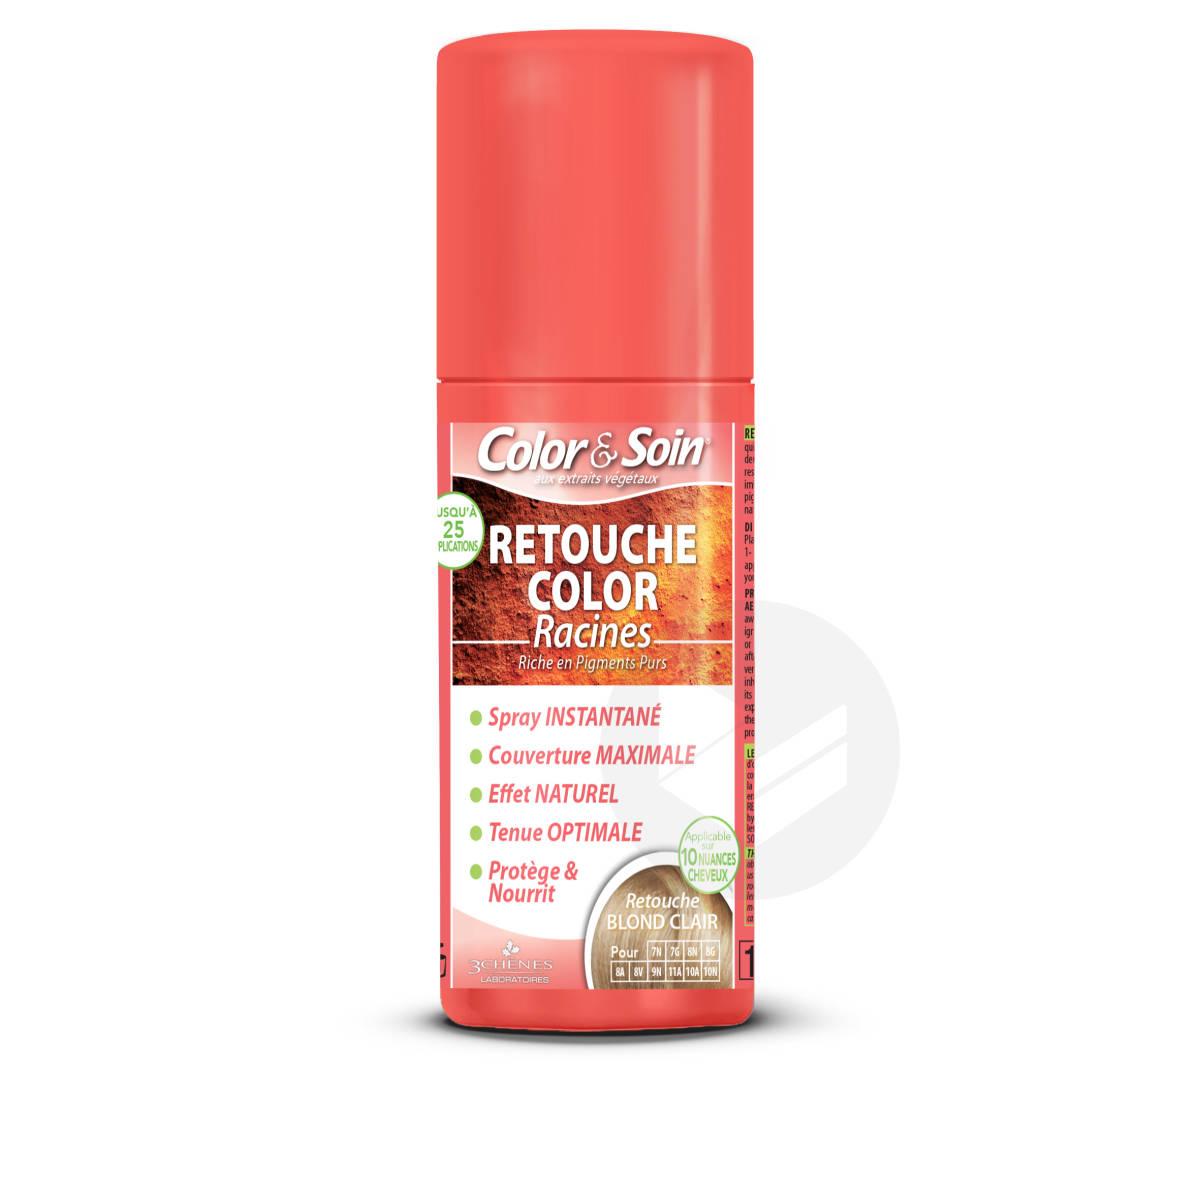 Retouche Color Blond Clair 75ml